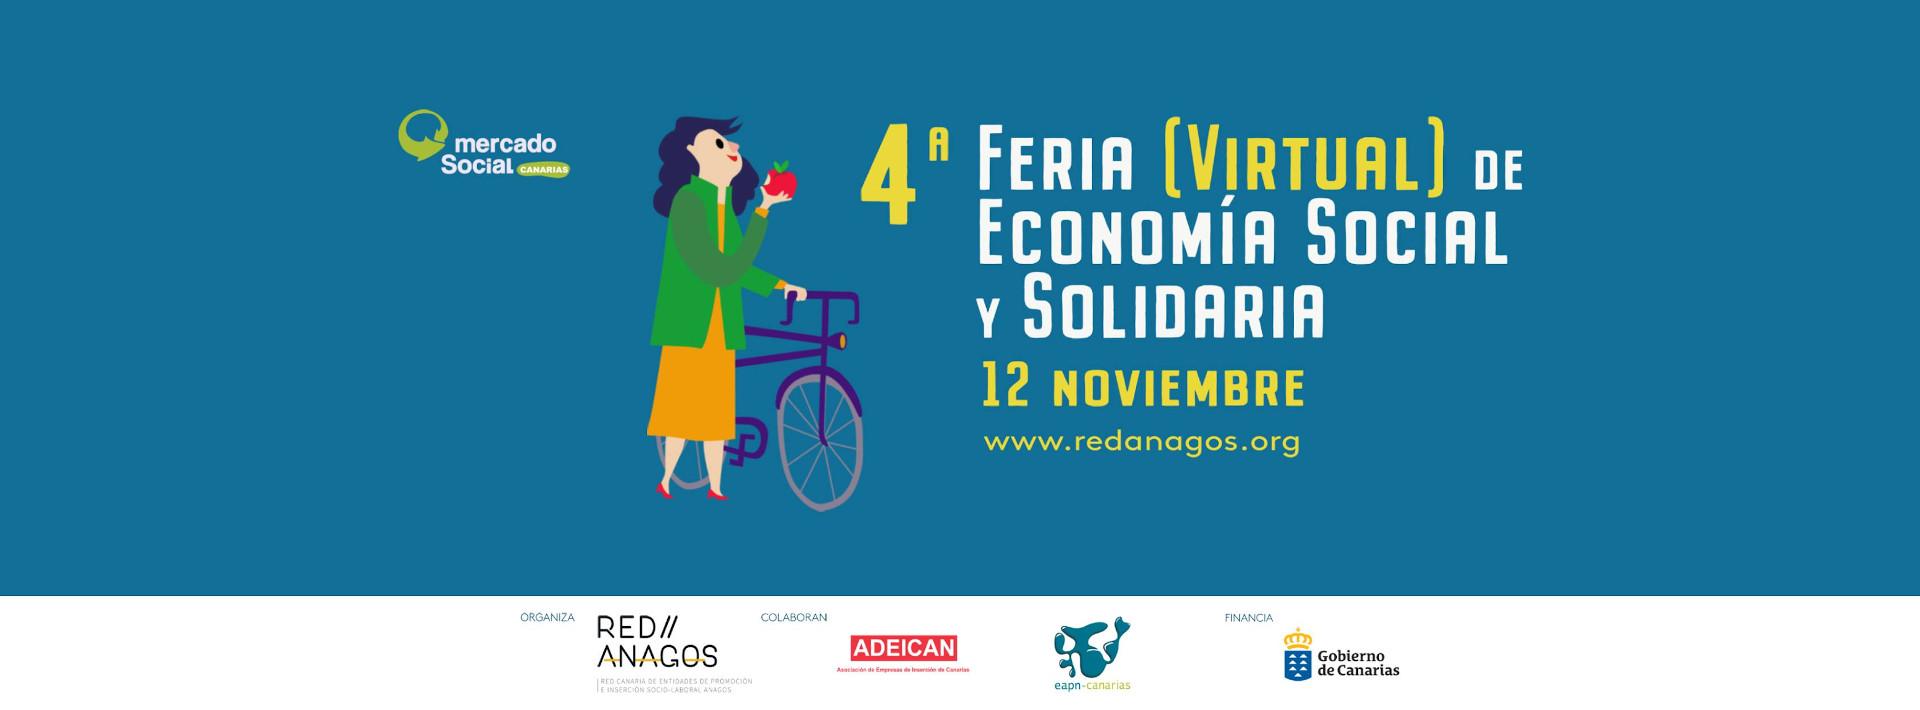 4ª Feria de Economía Social y Solidaria